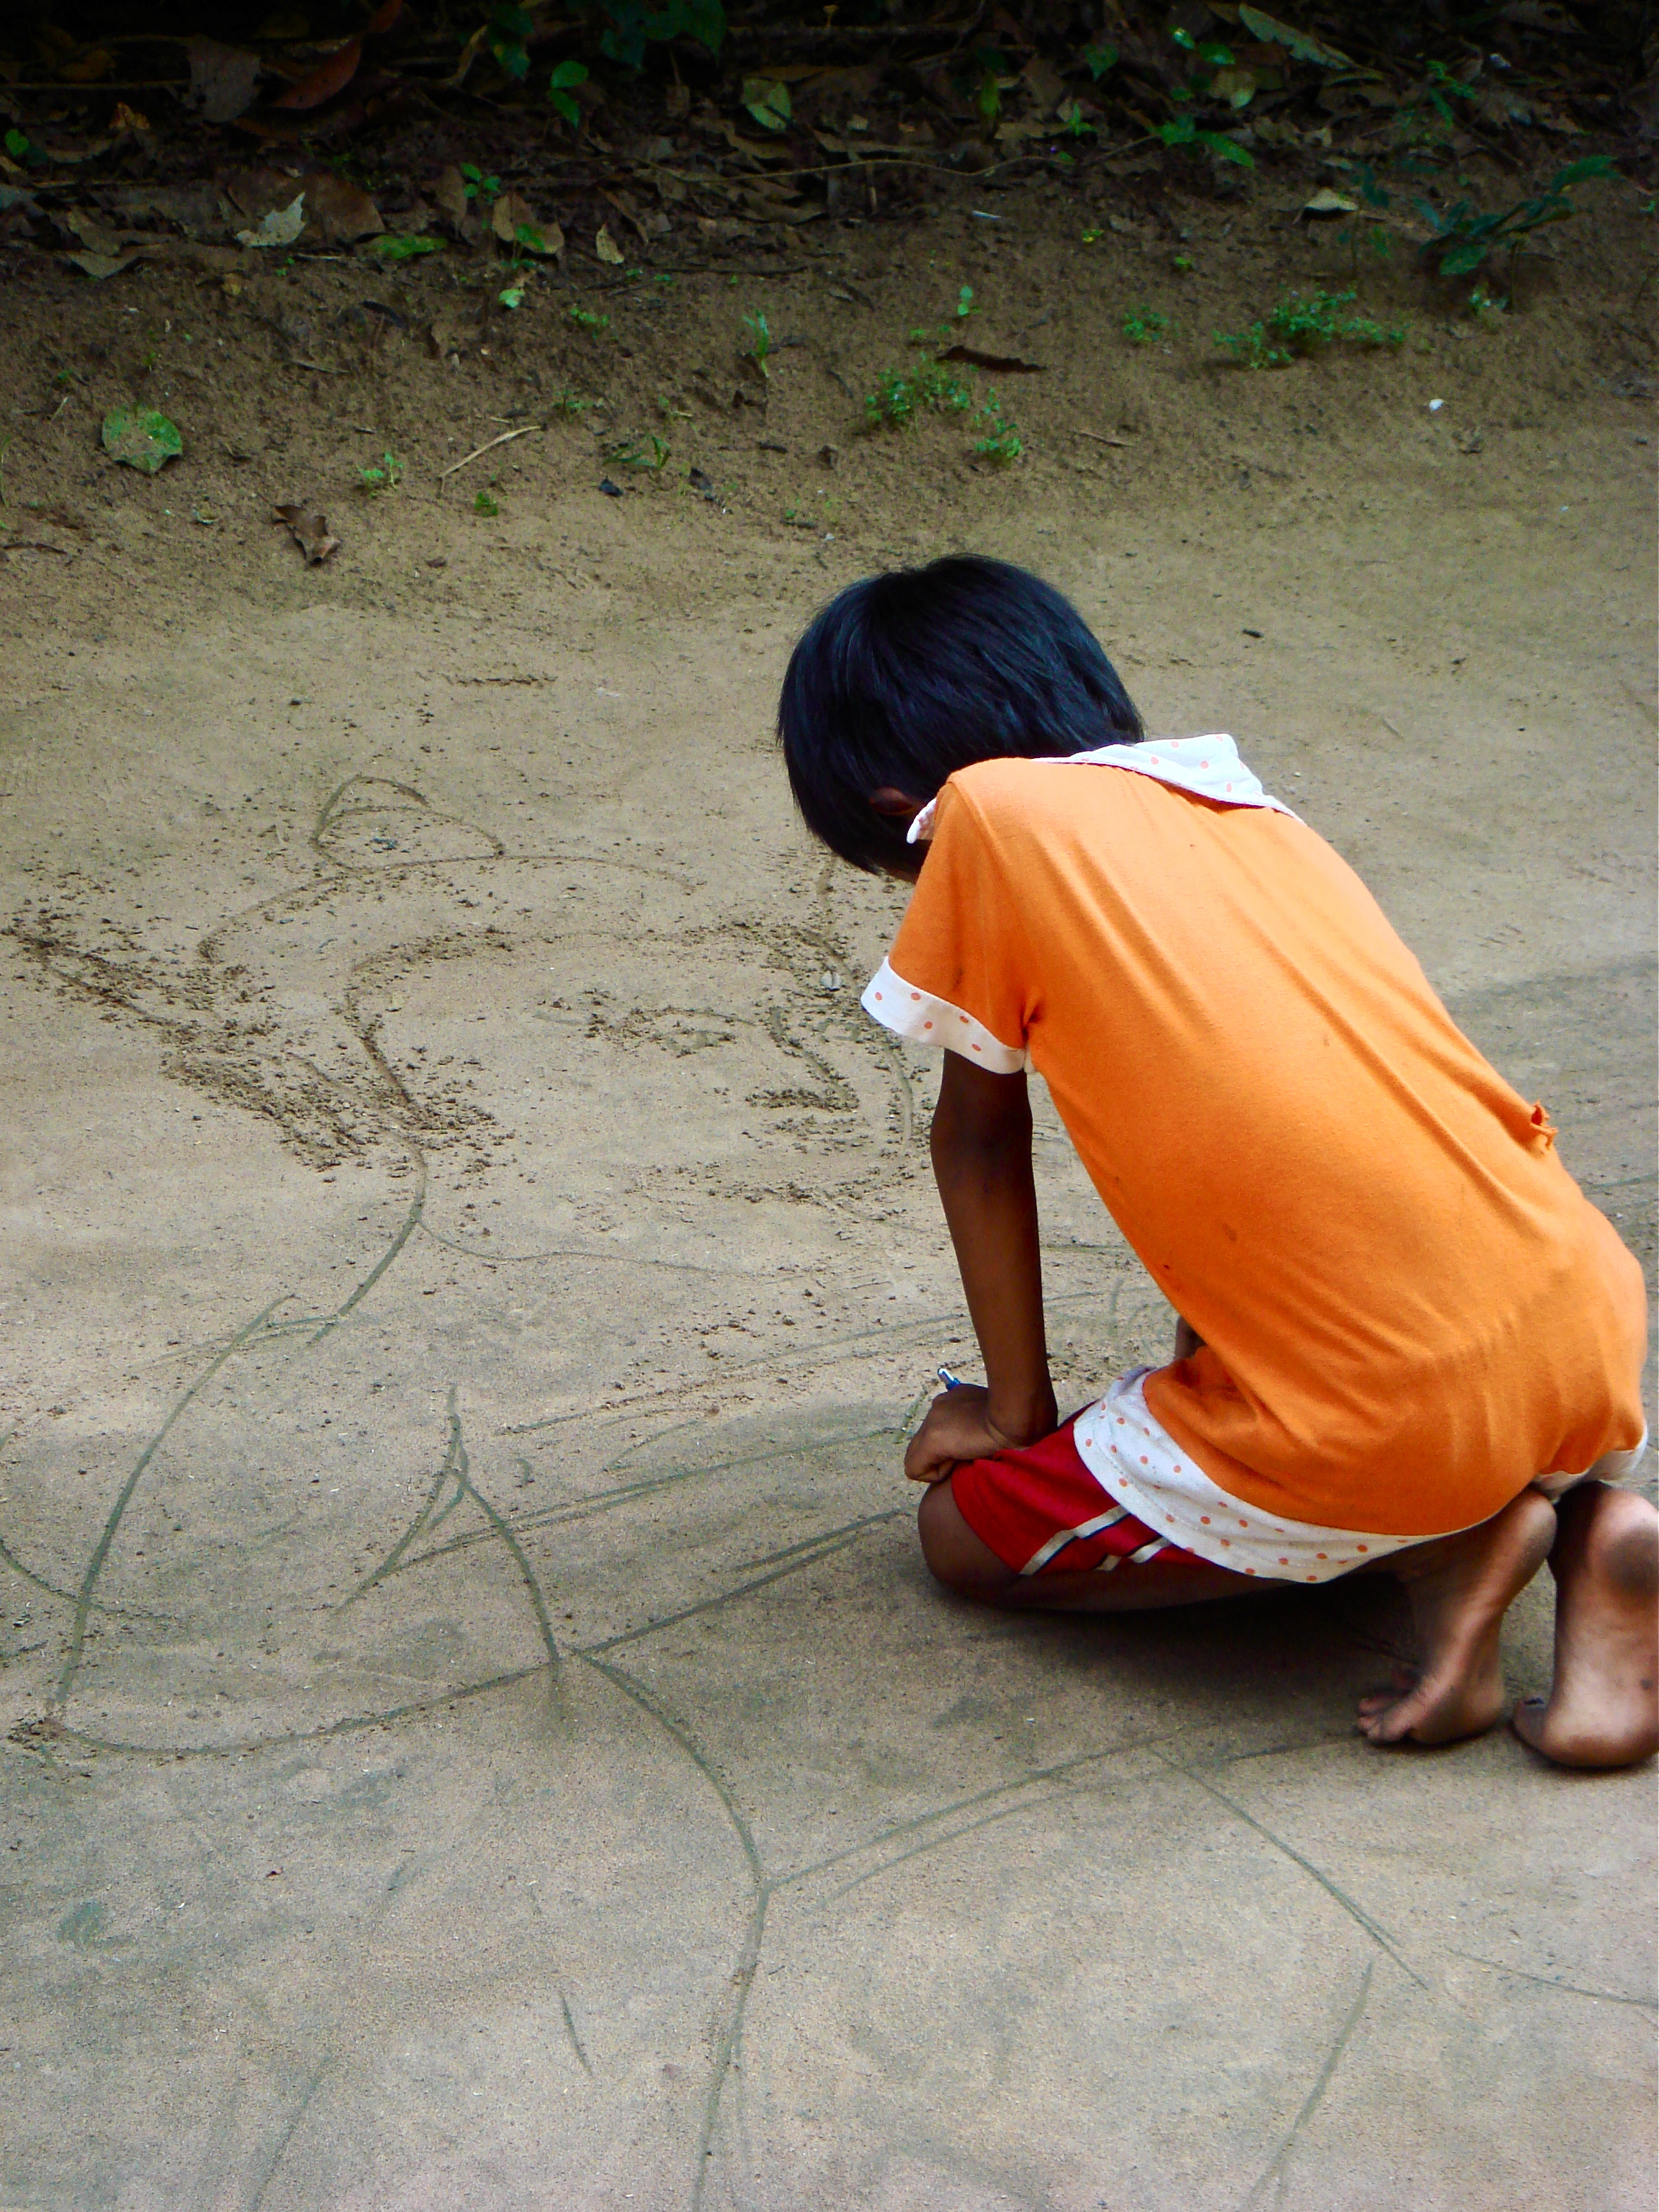 The Little Artist        Angkor, Siem Reap, Cambodia